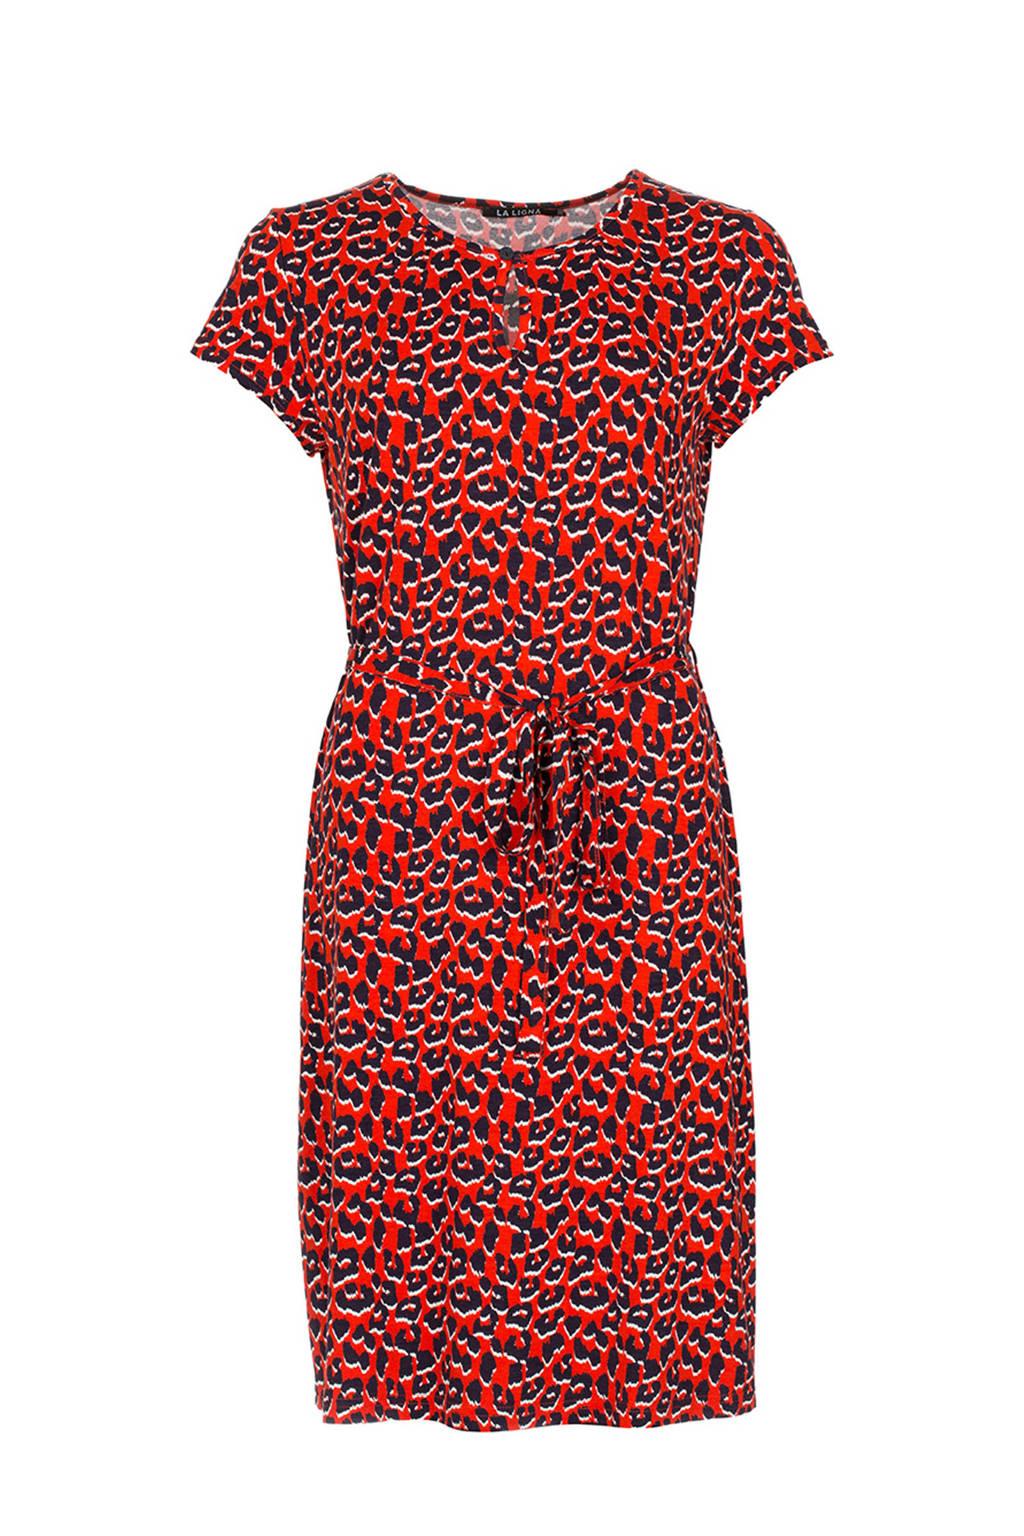 La Ligna jurk met panterprint Marsha, Rood